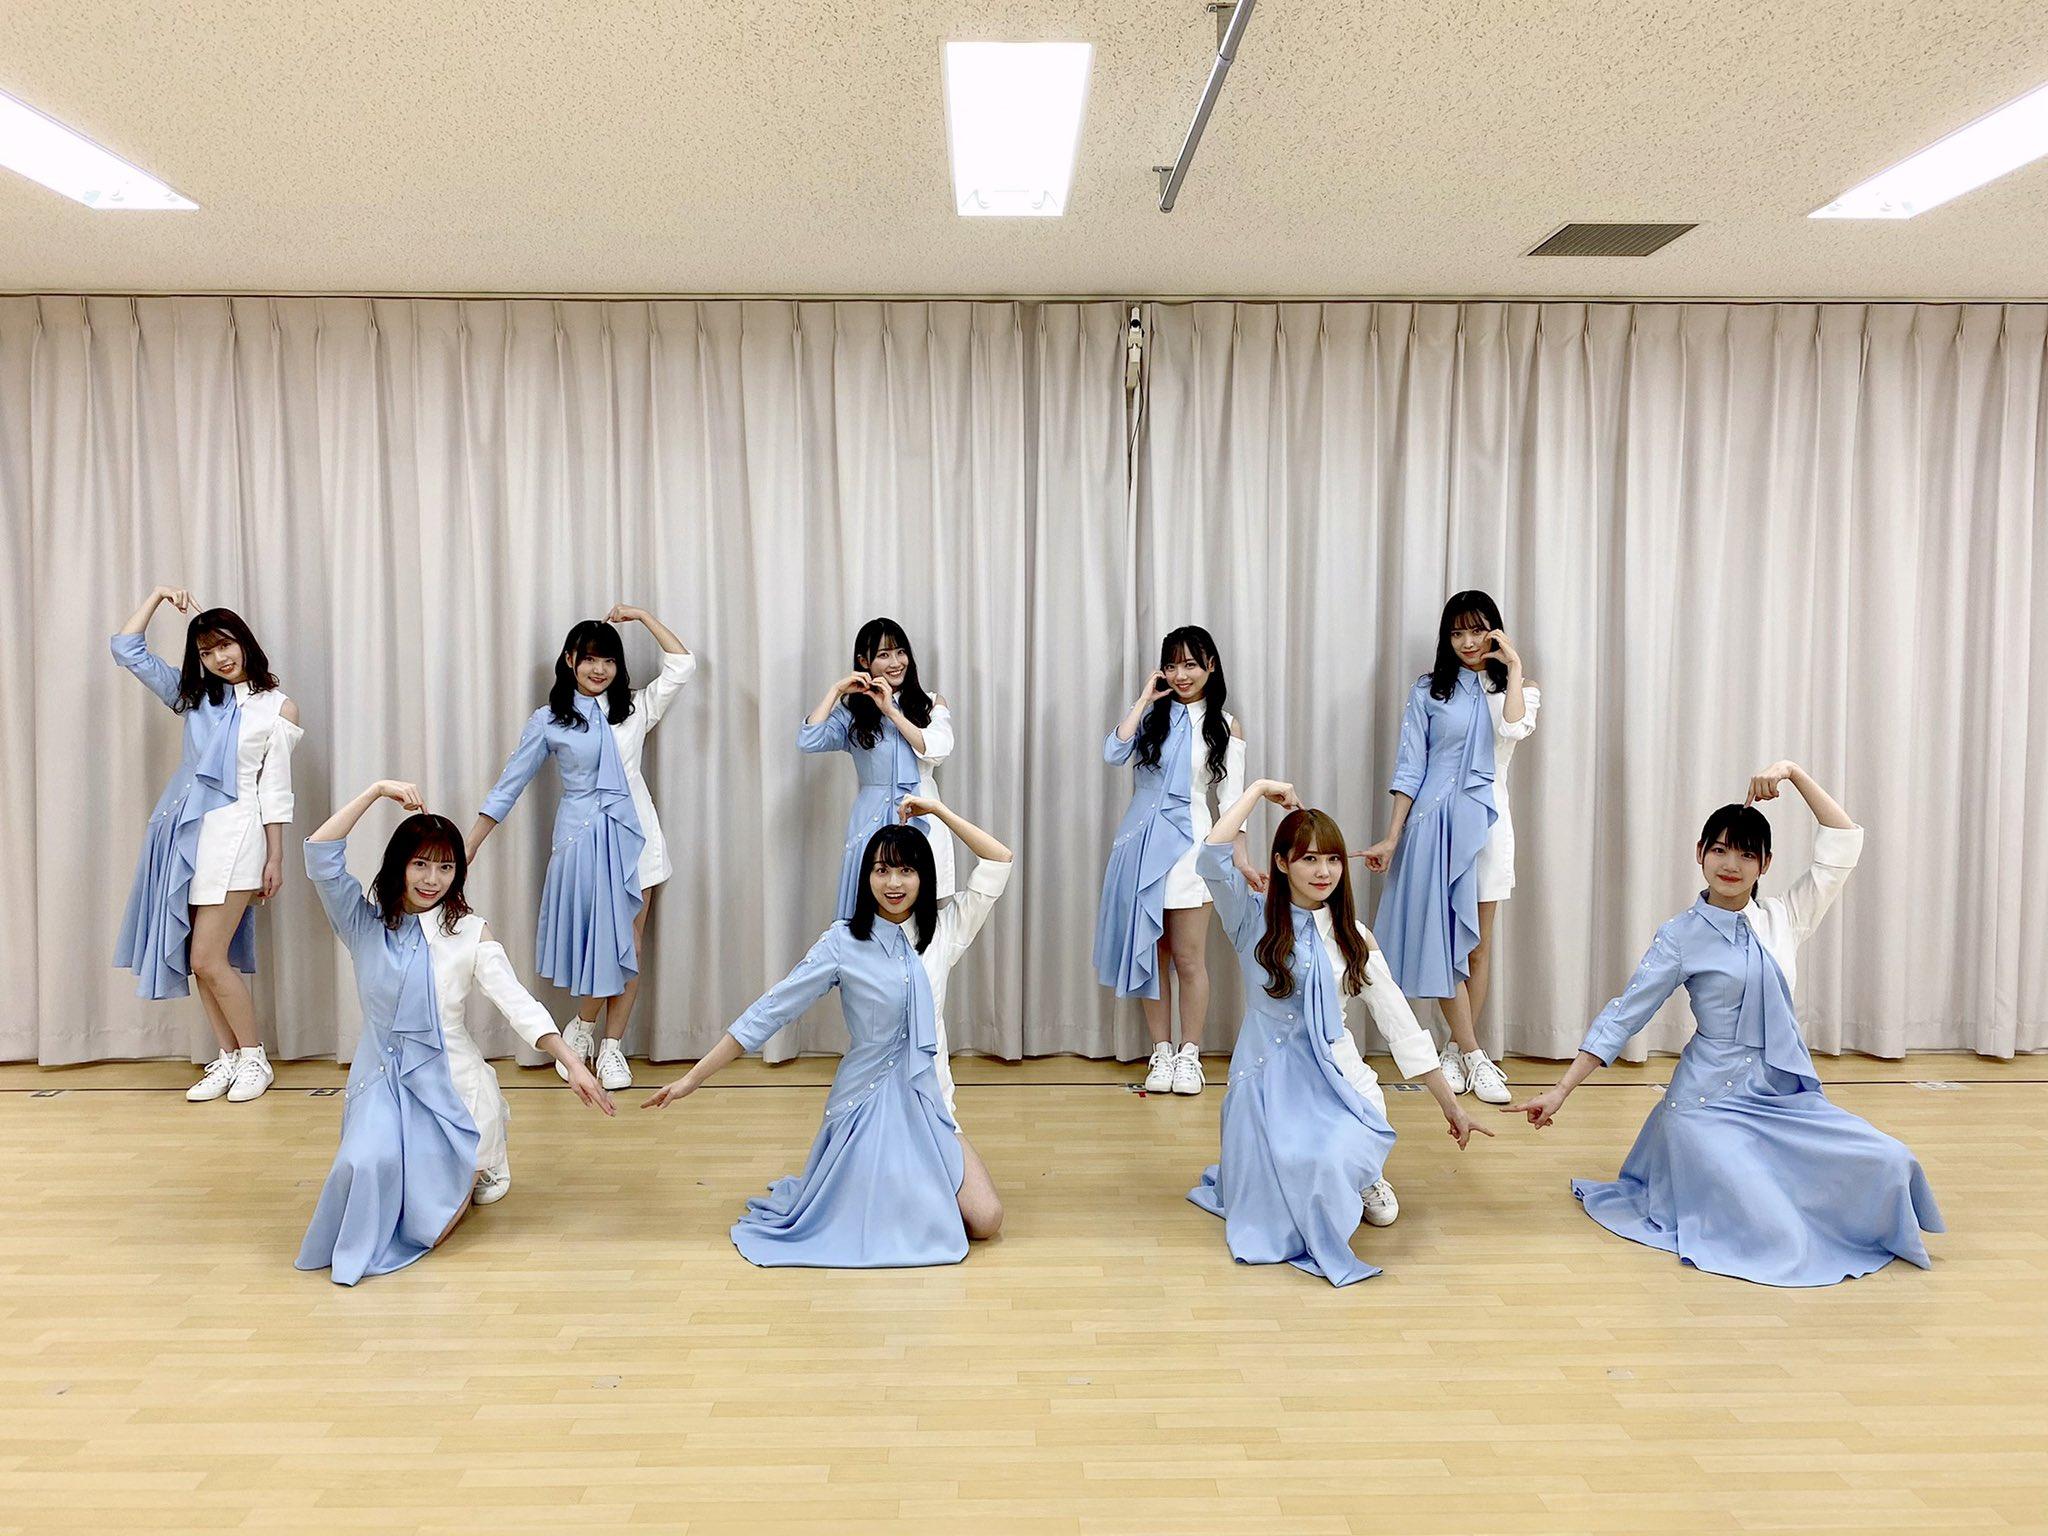 日向坂46 衣装 アザトカワイイ